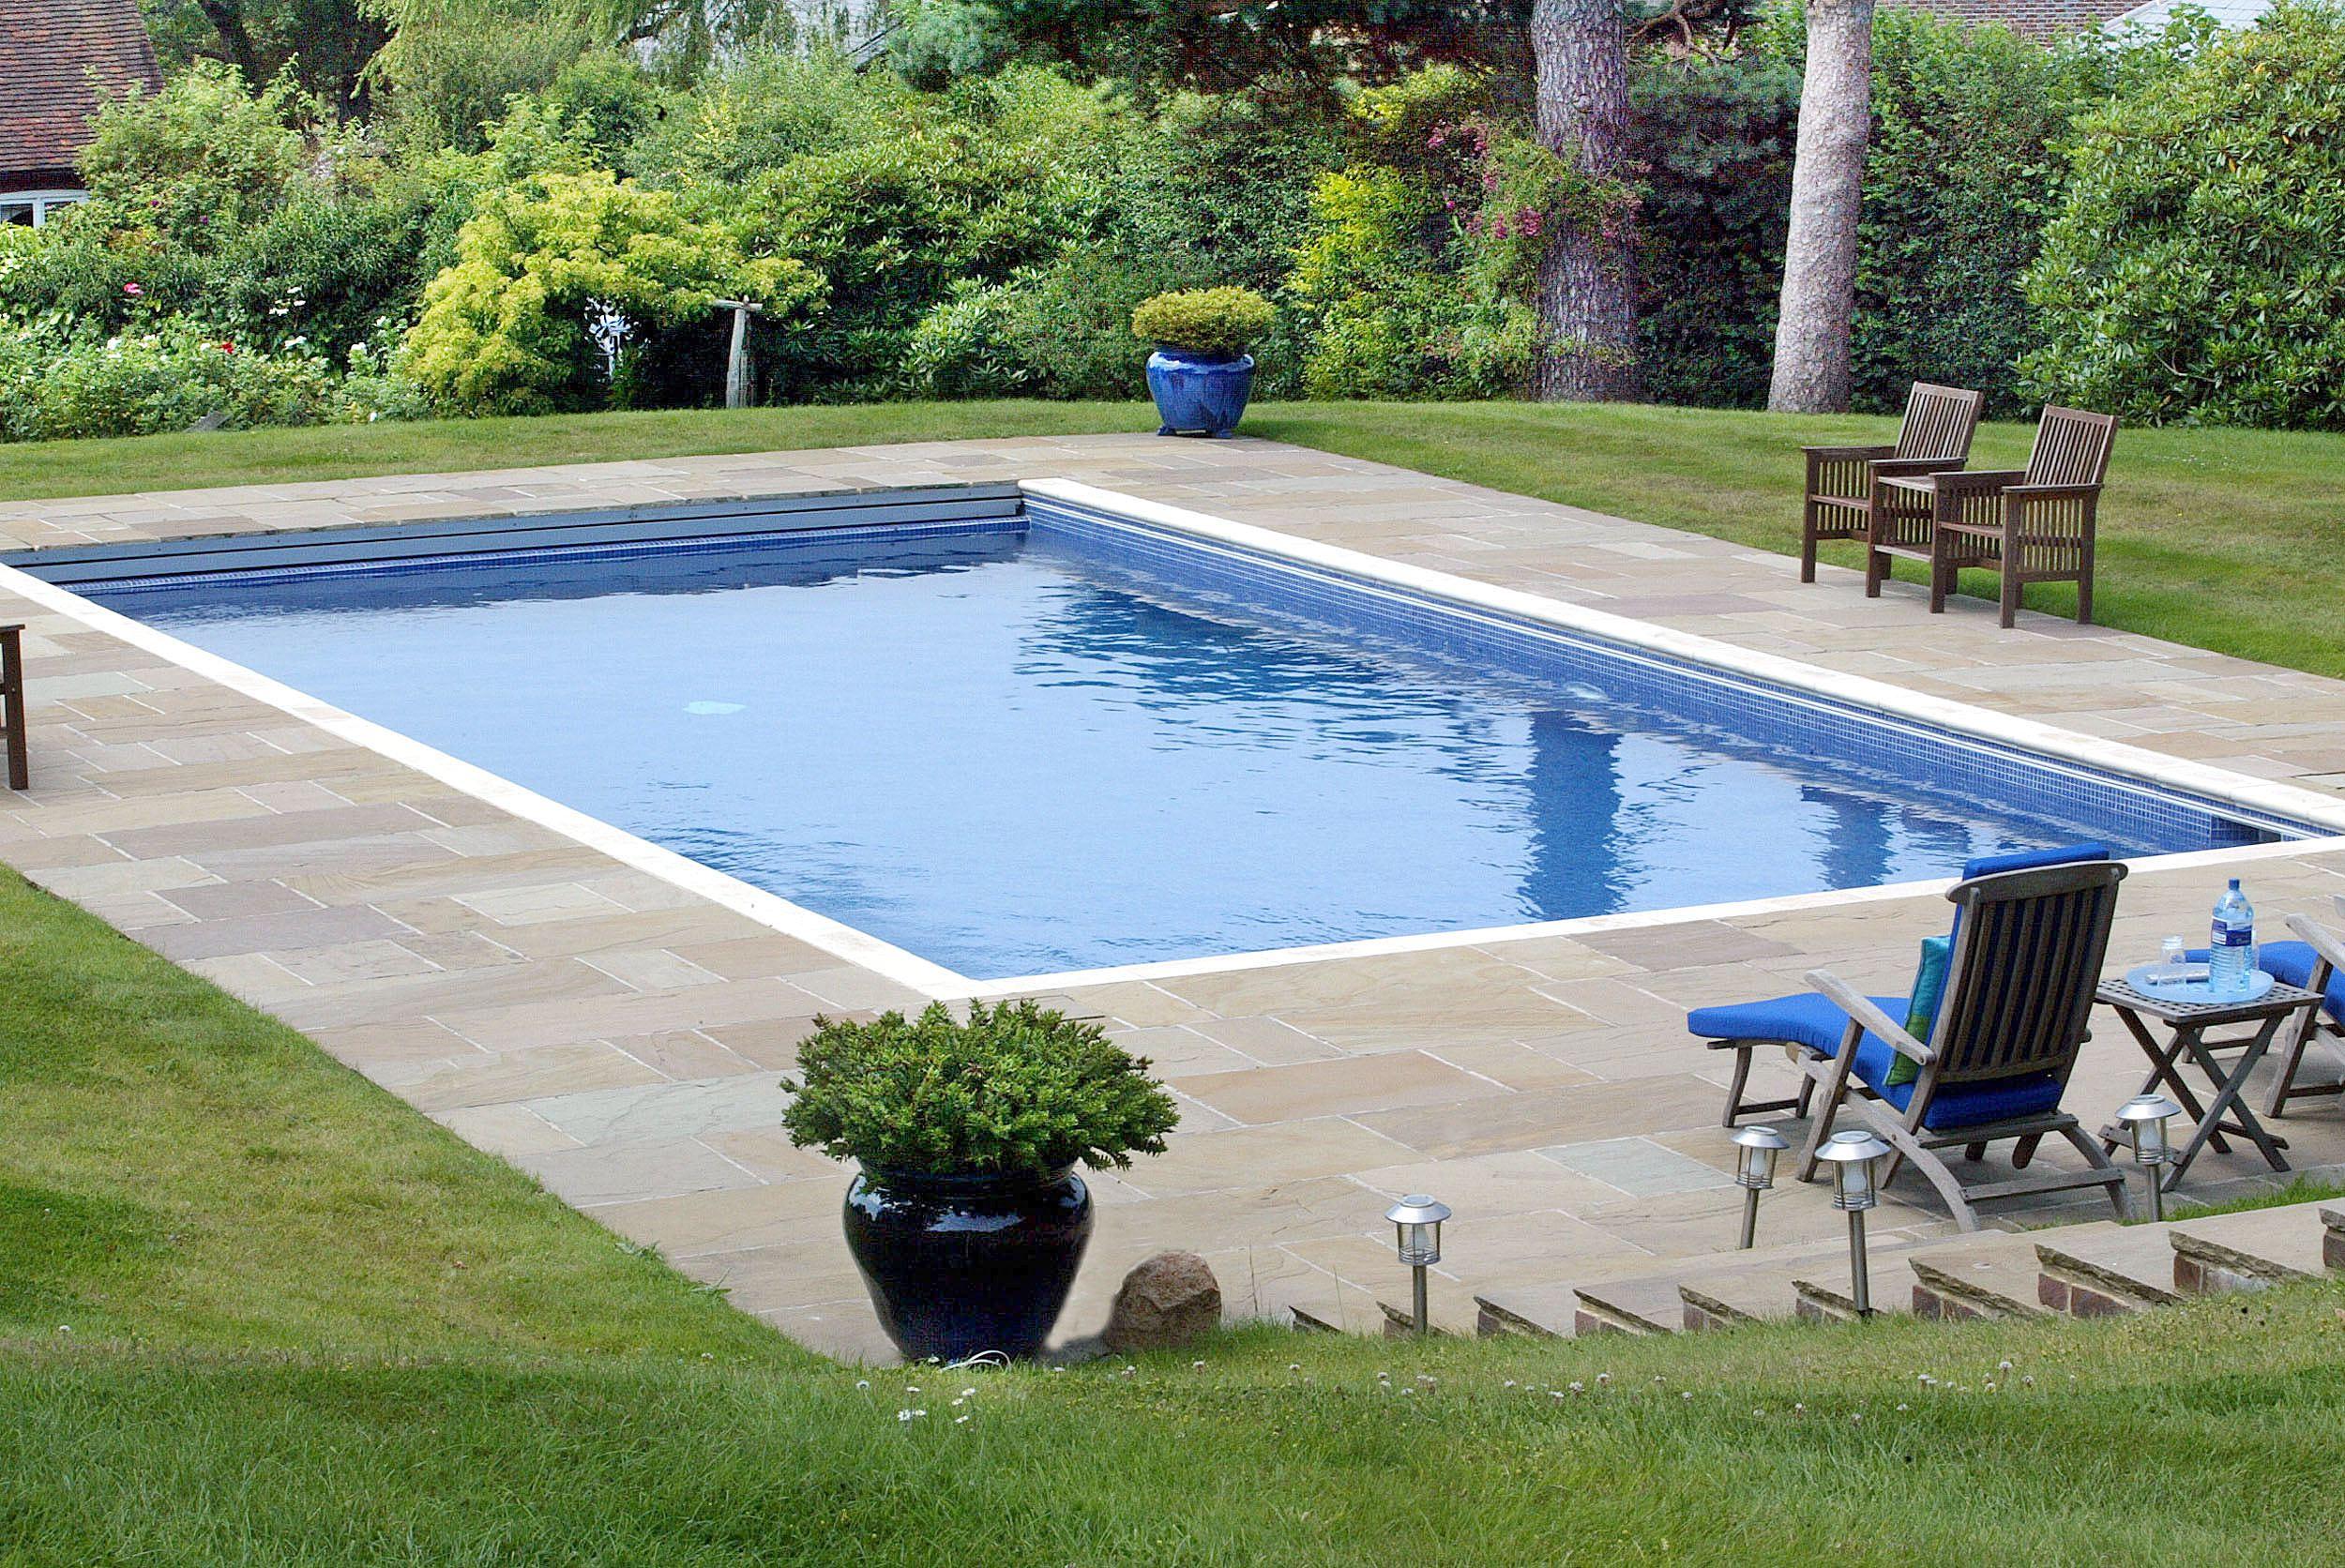 Comment bien integrer votre piscine a votre jardin le paysagiste - Jardin avec piscine ...